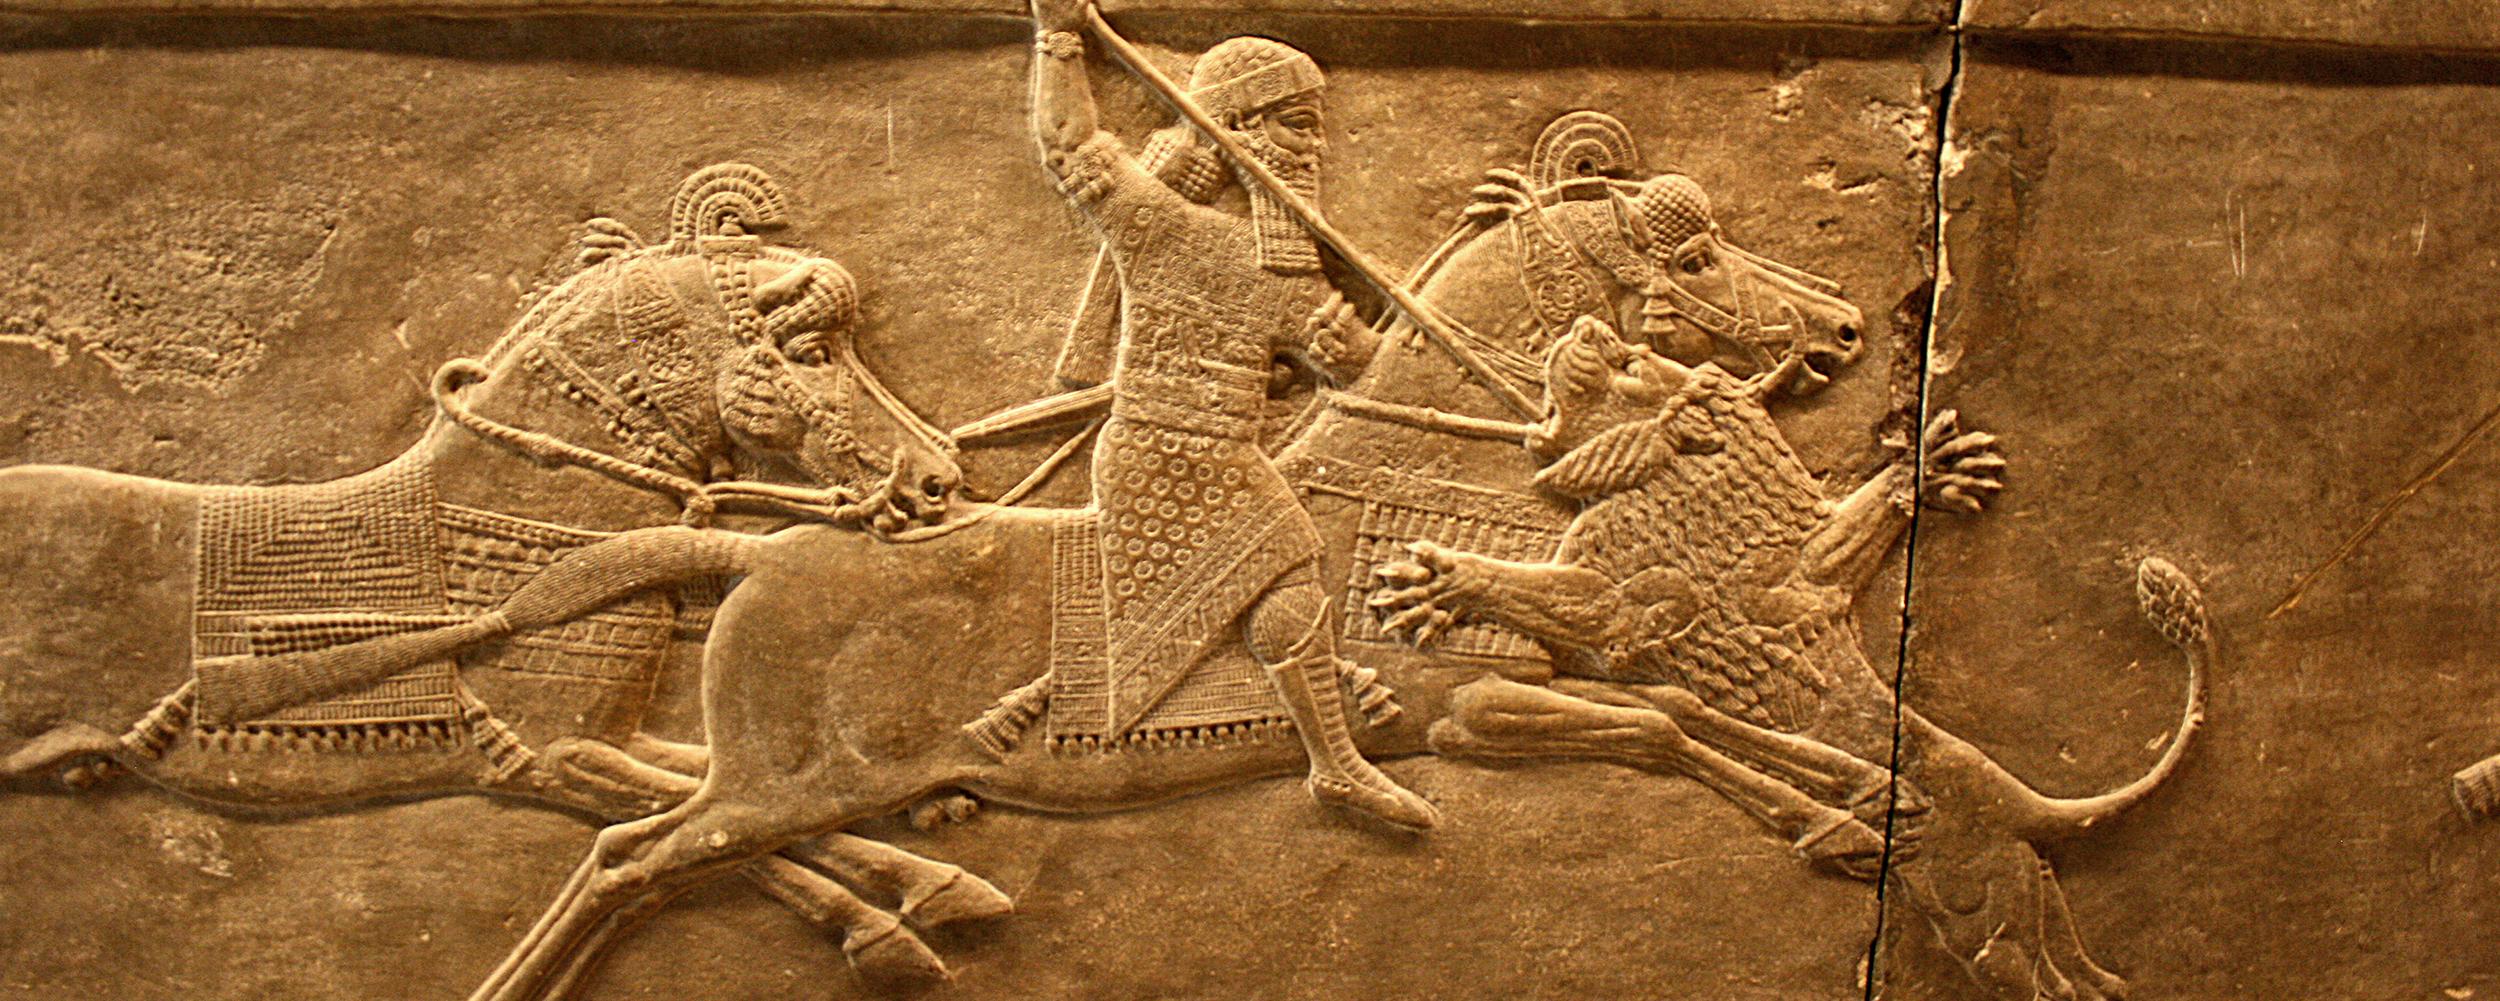 Mesopotamia British Mus